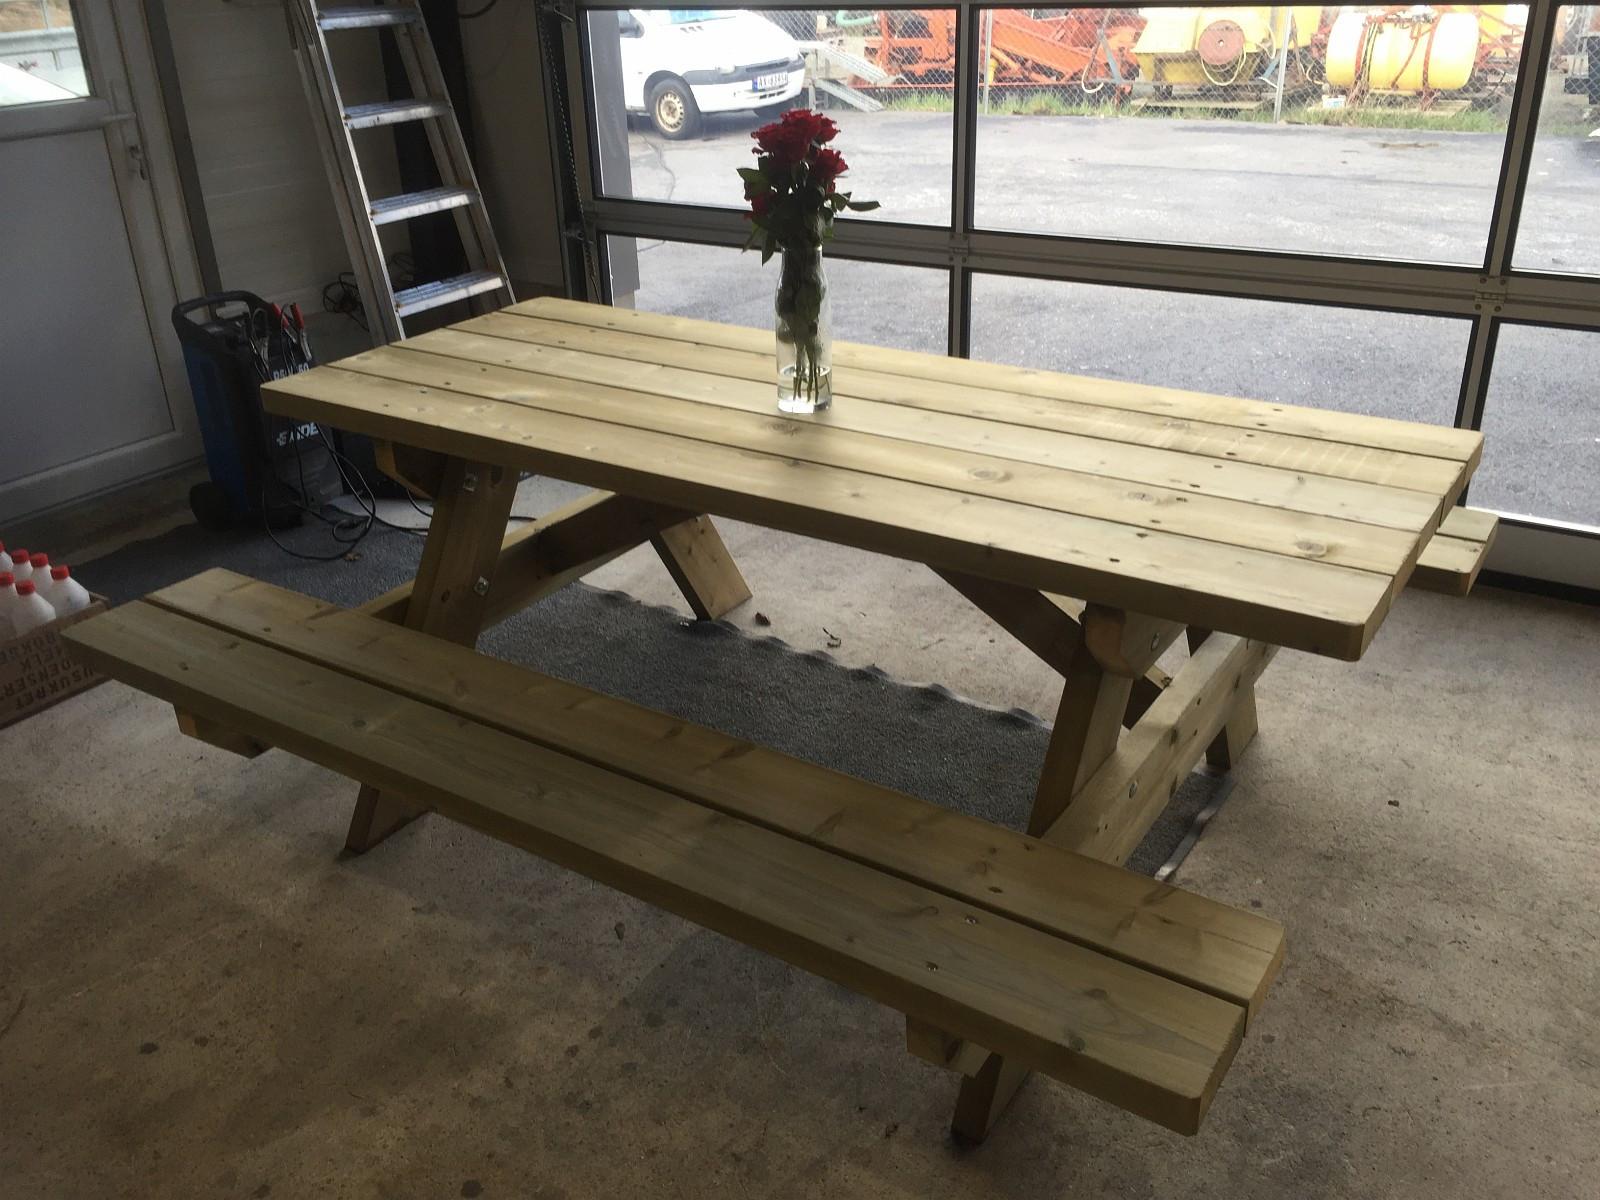 Fra mega Bord benk benkebord i ett | FINN.no XN-45